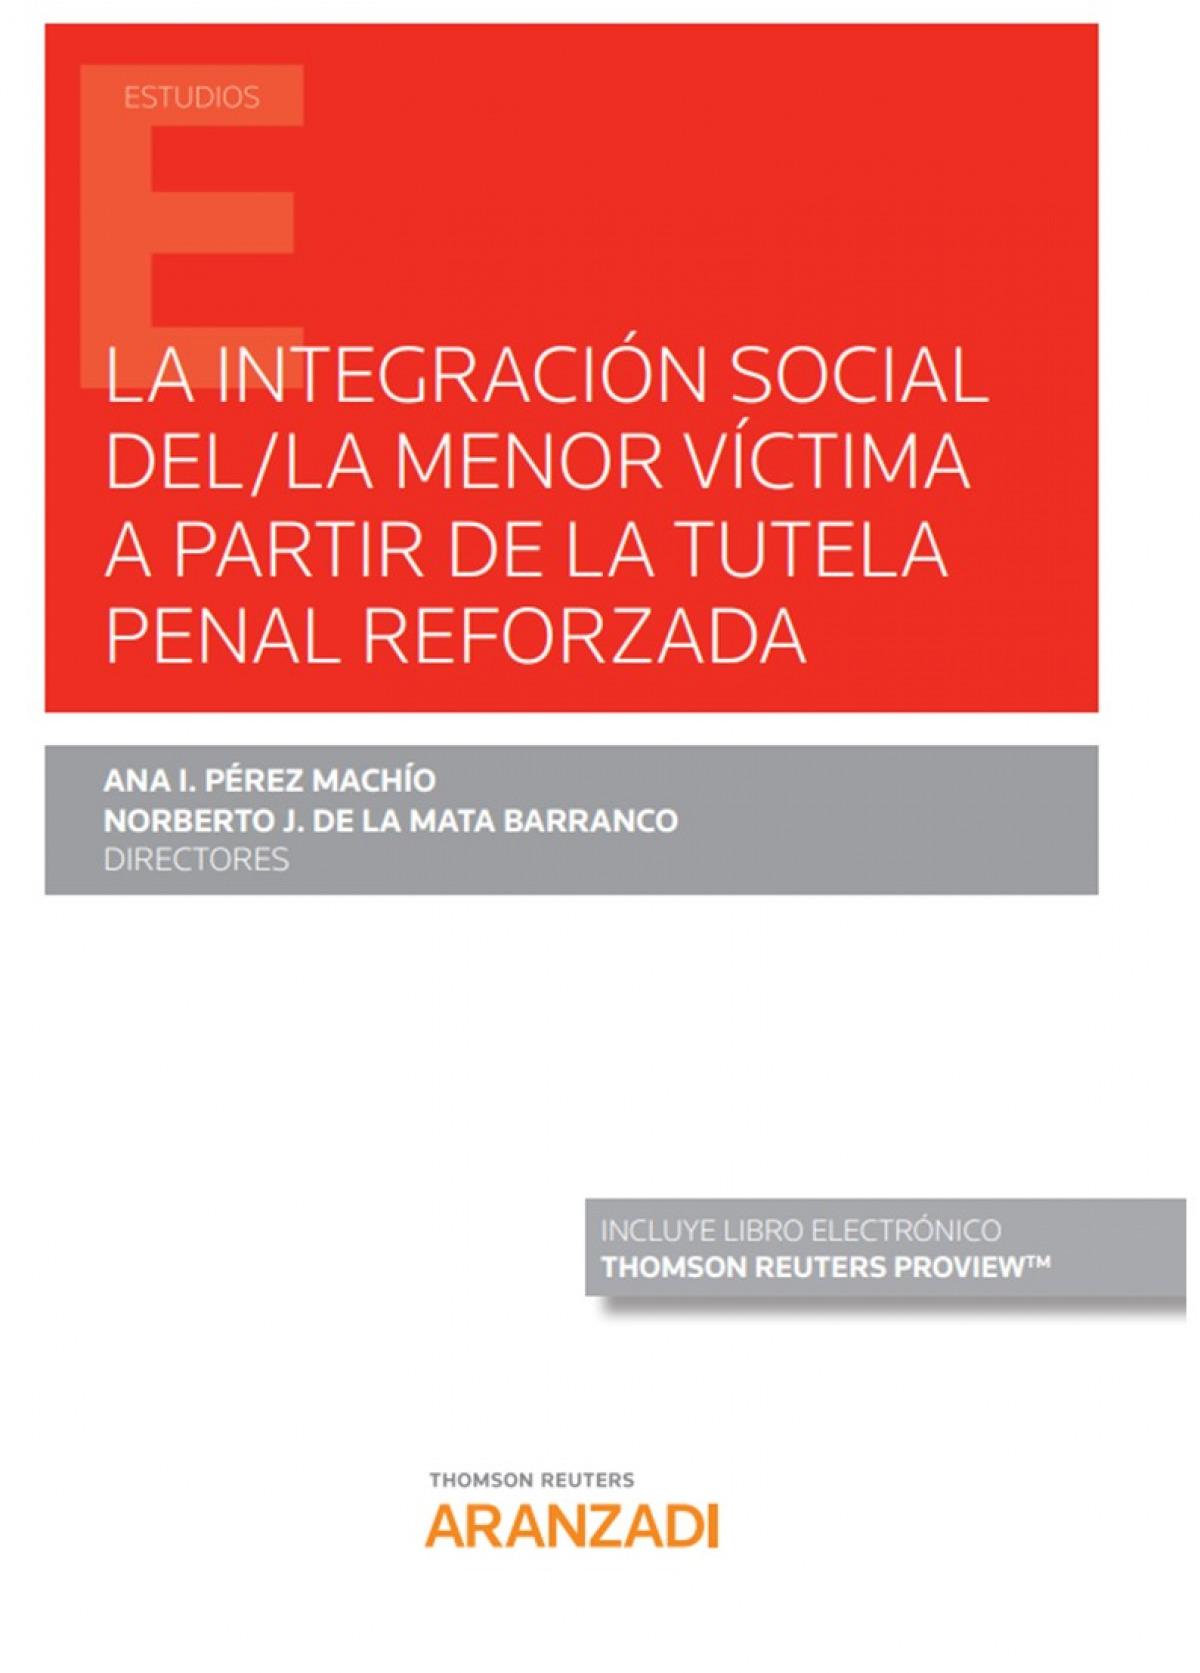 INTEGRACION SOCIAL MENOR VICTIMA A PARTIR TUTELA PENAL REFO